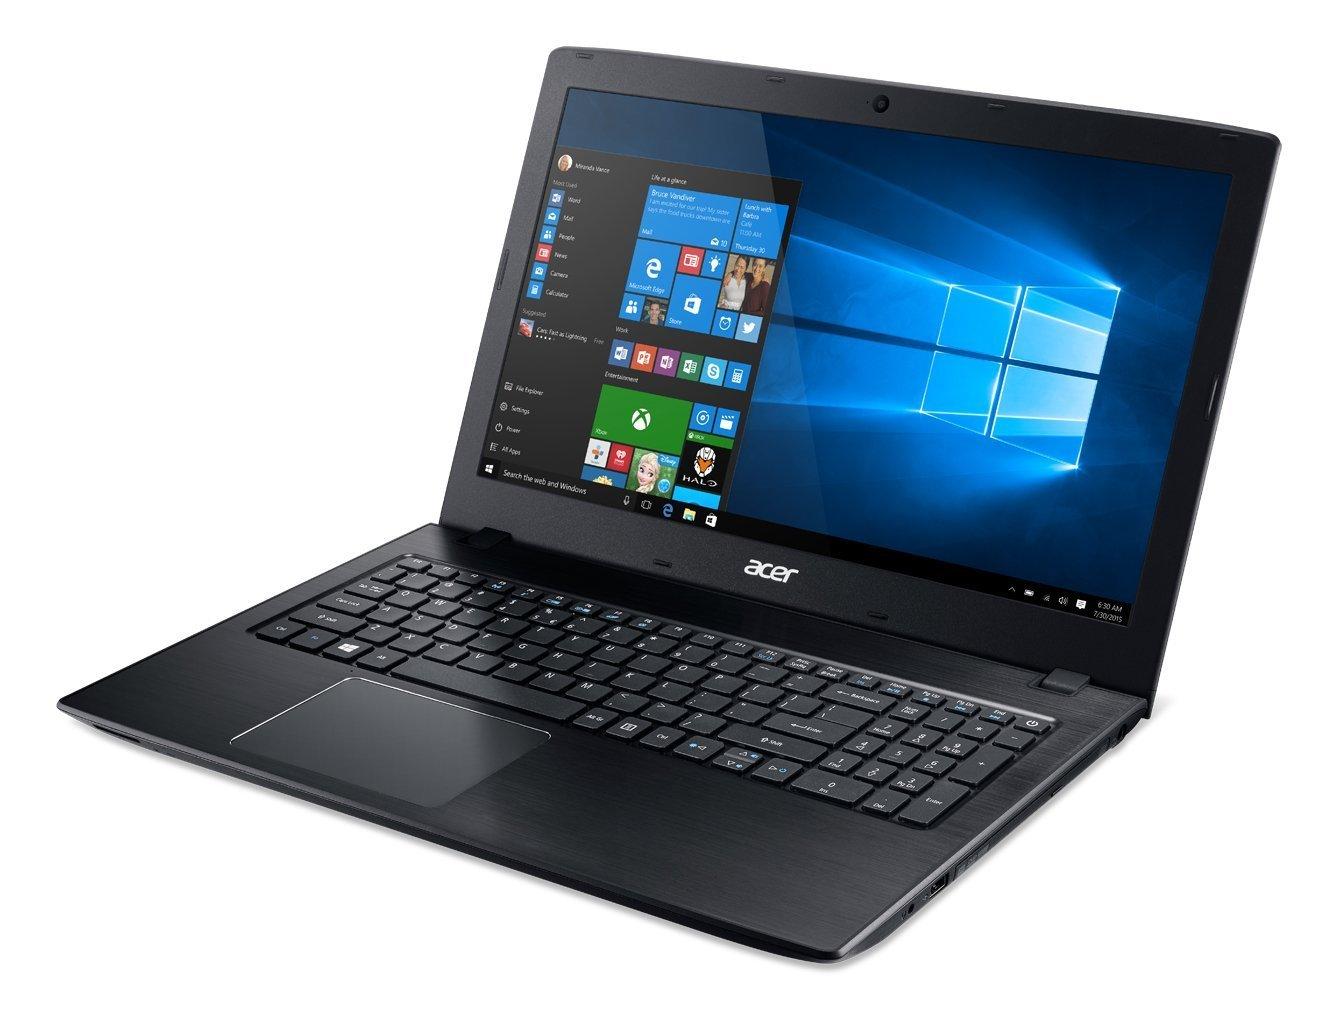 Best Laptop for Writing Majors